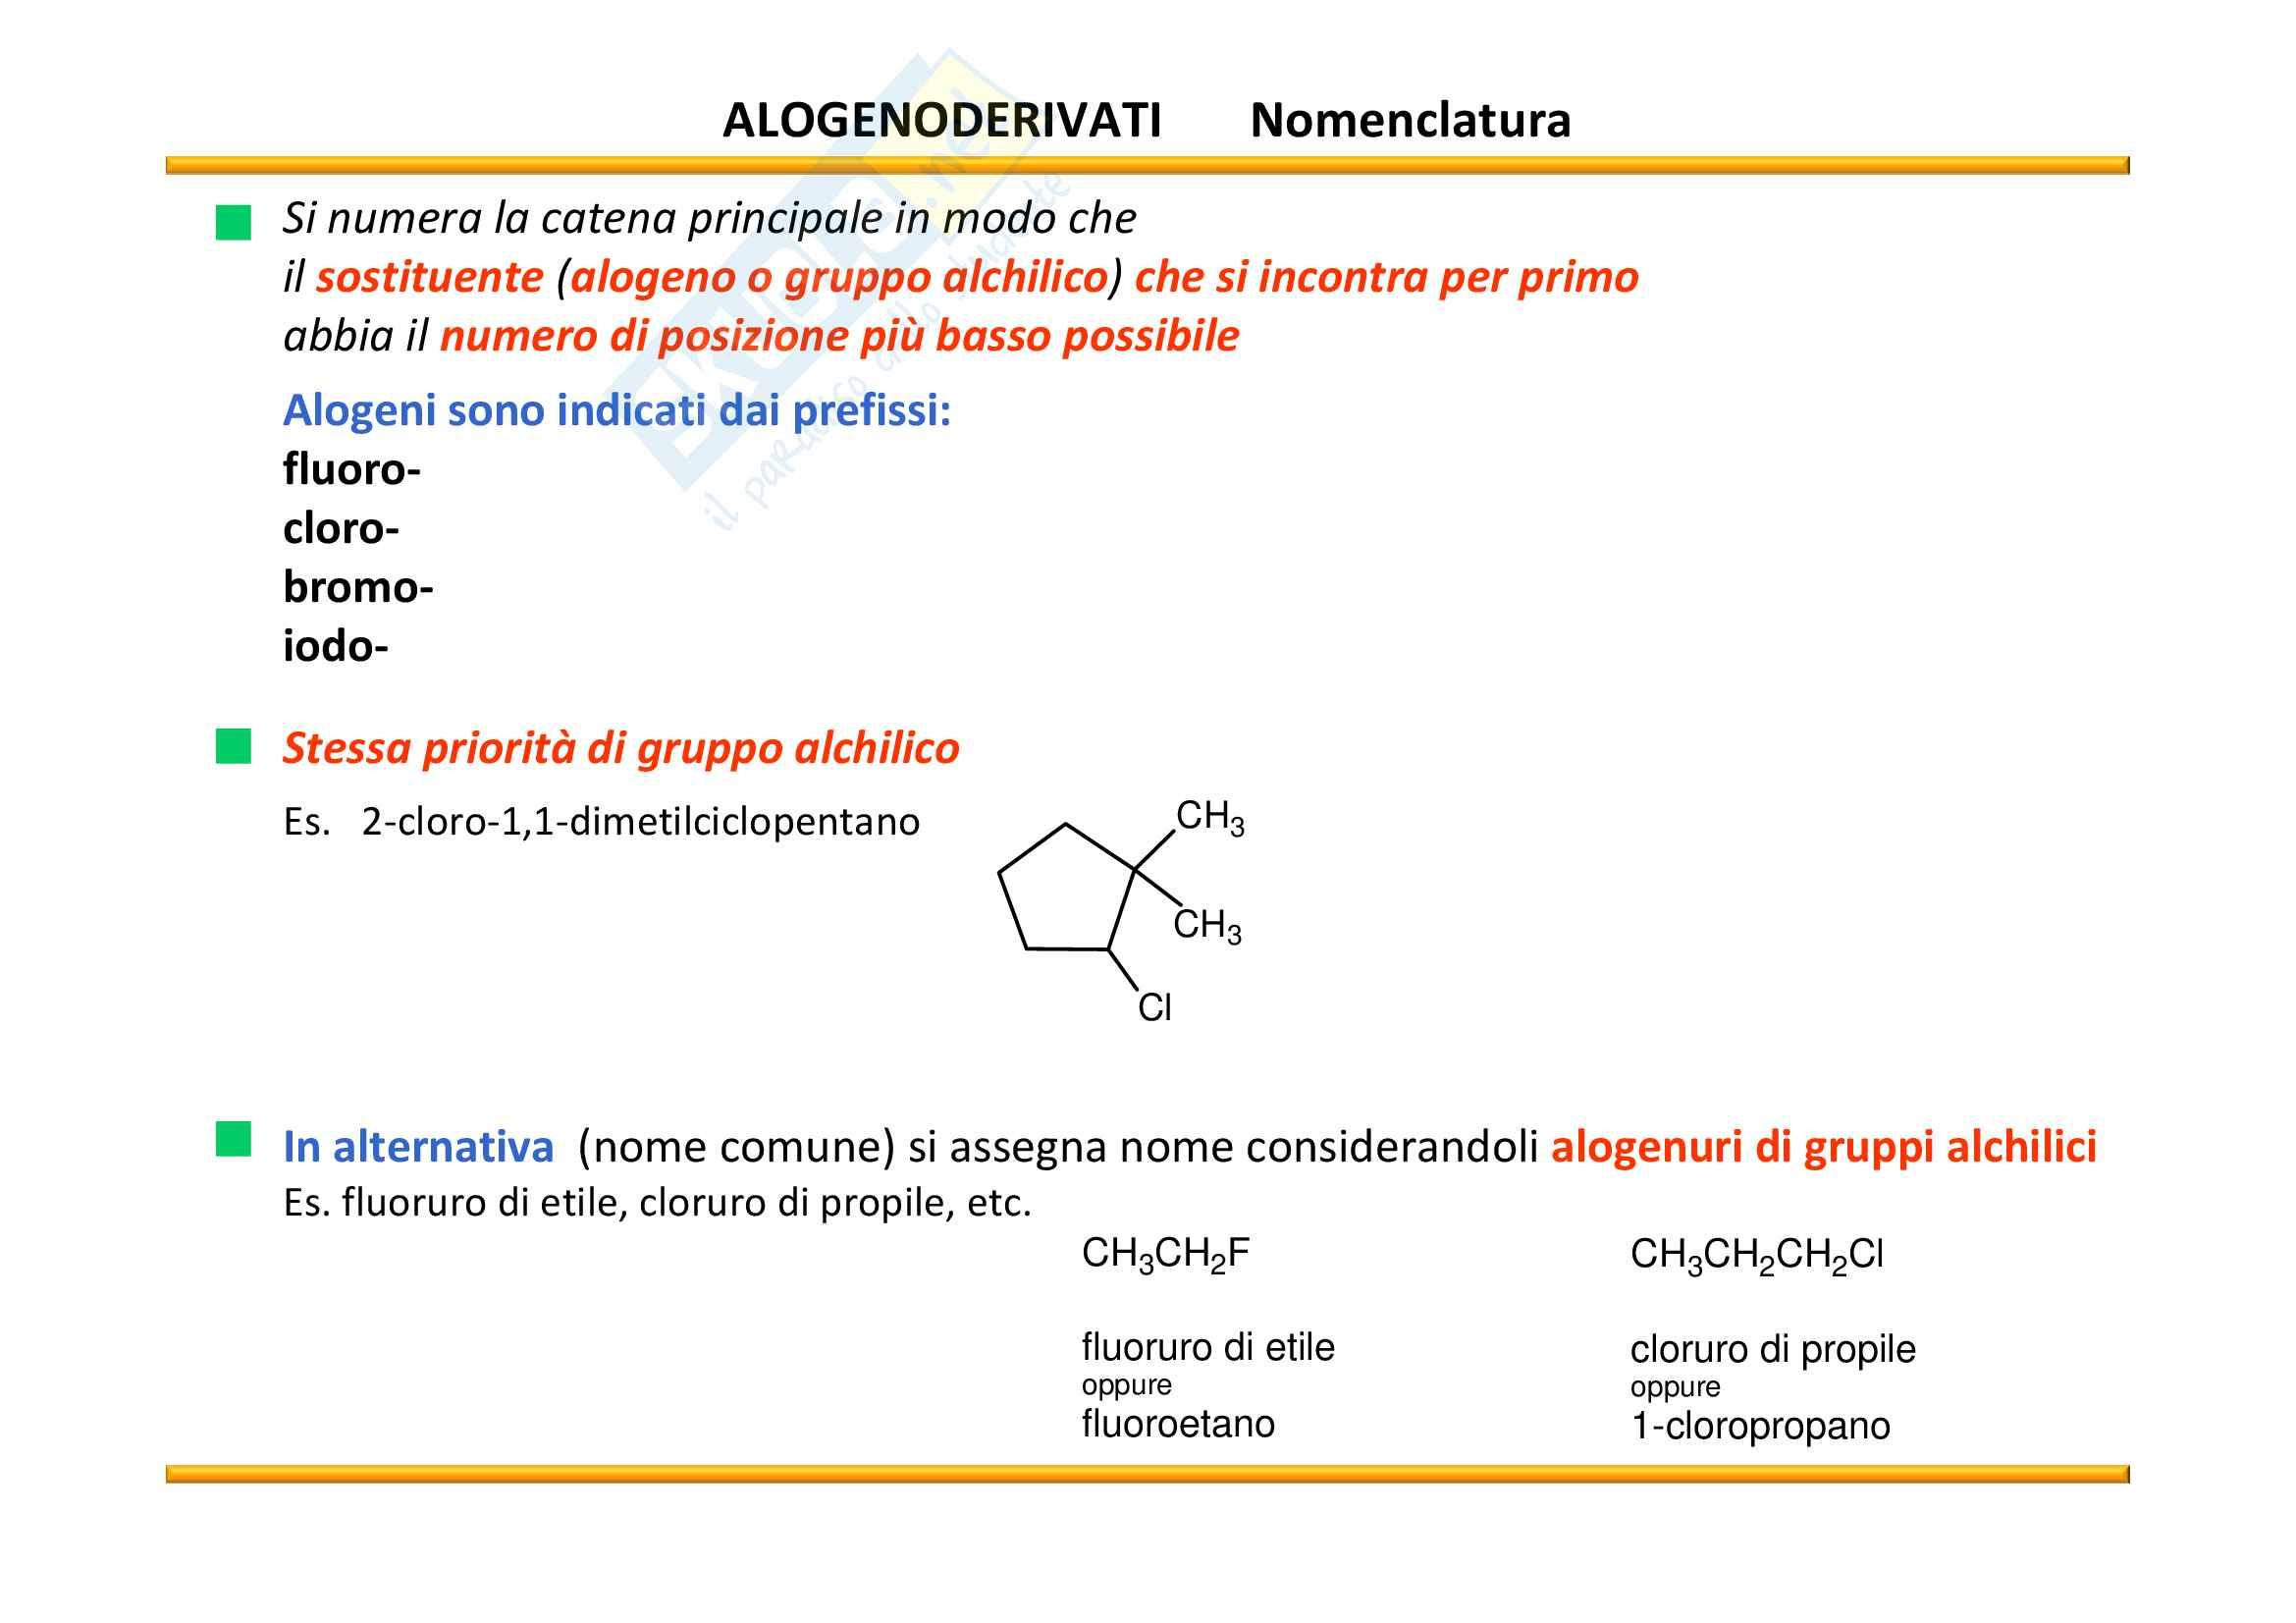 Chimica Organica:  Alogenoalcani e reazioni di sostituzione/eliminazione